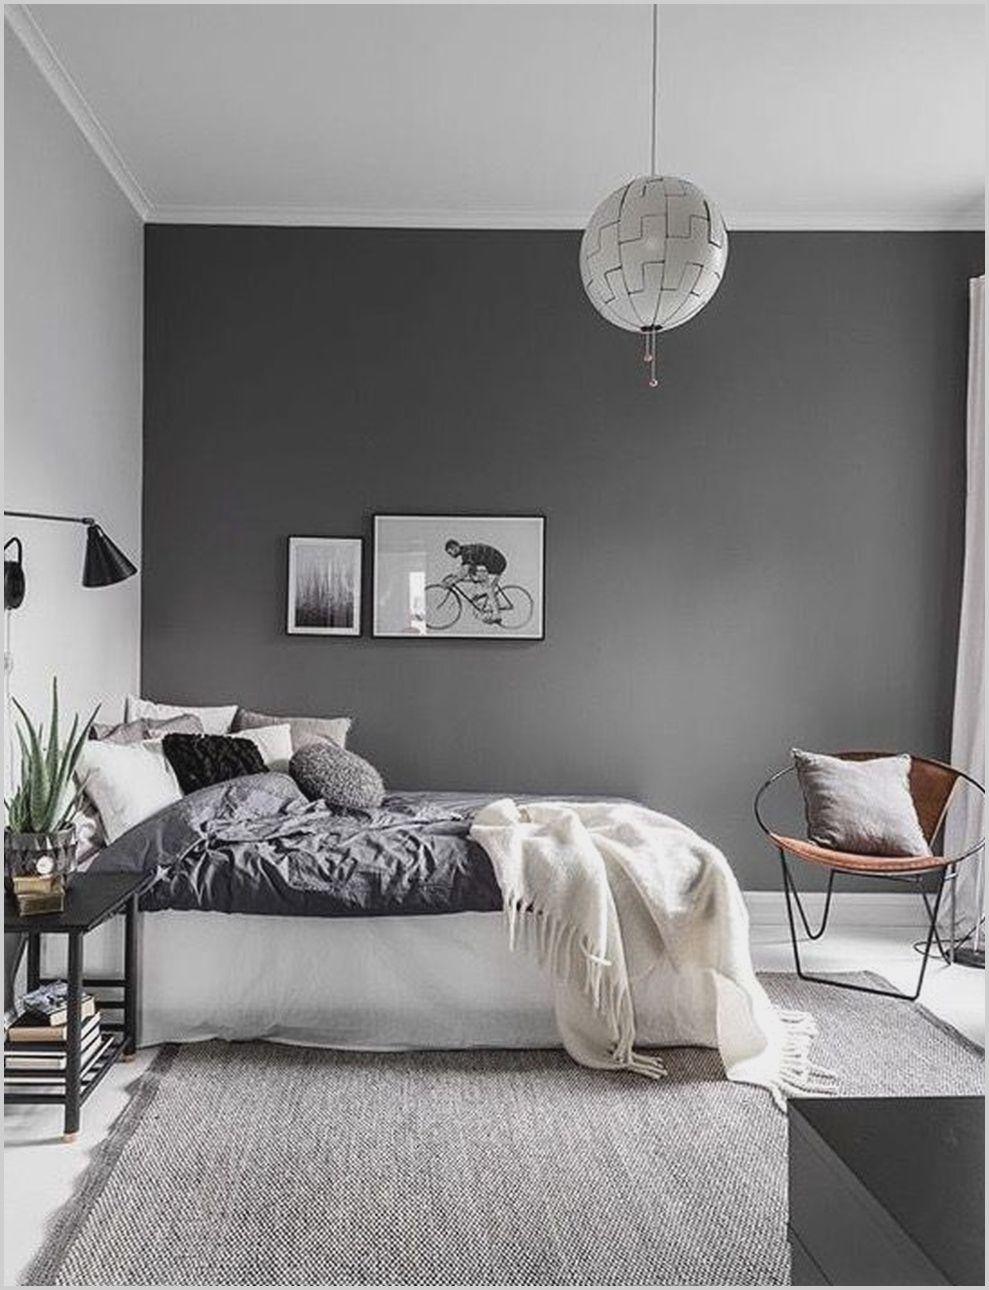 Bedroom Inspo Grey Carpet In 2020 Bedroom Interior Home Decor Bedroom Scandinavian Design Bedroom